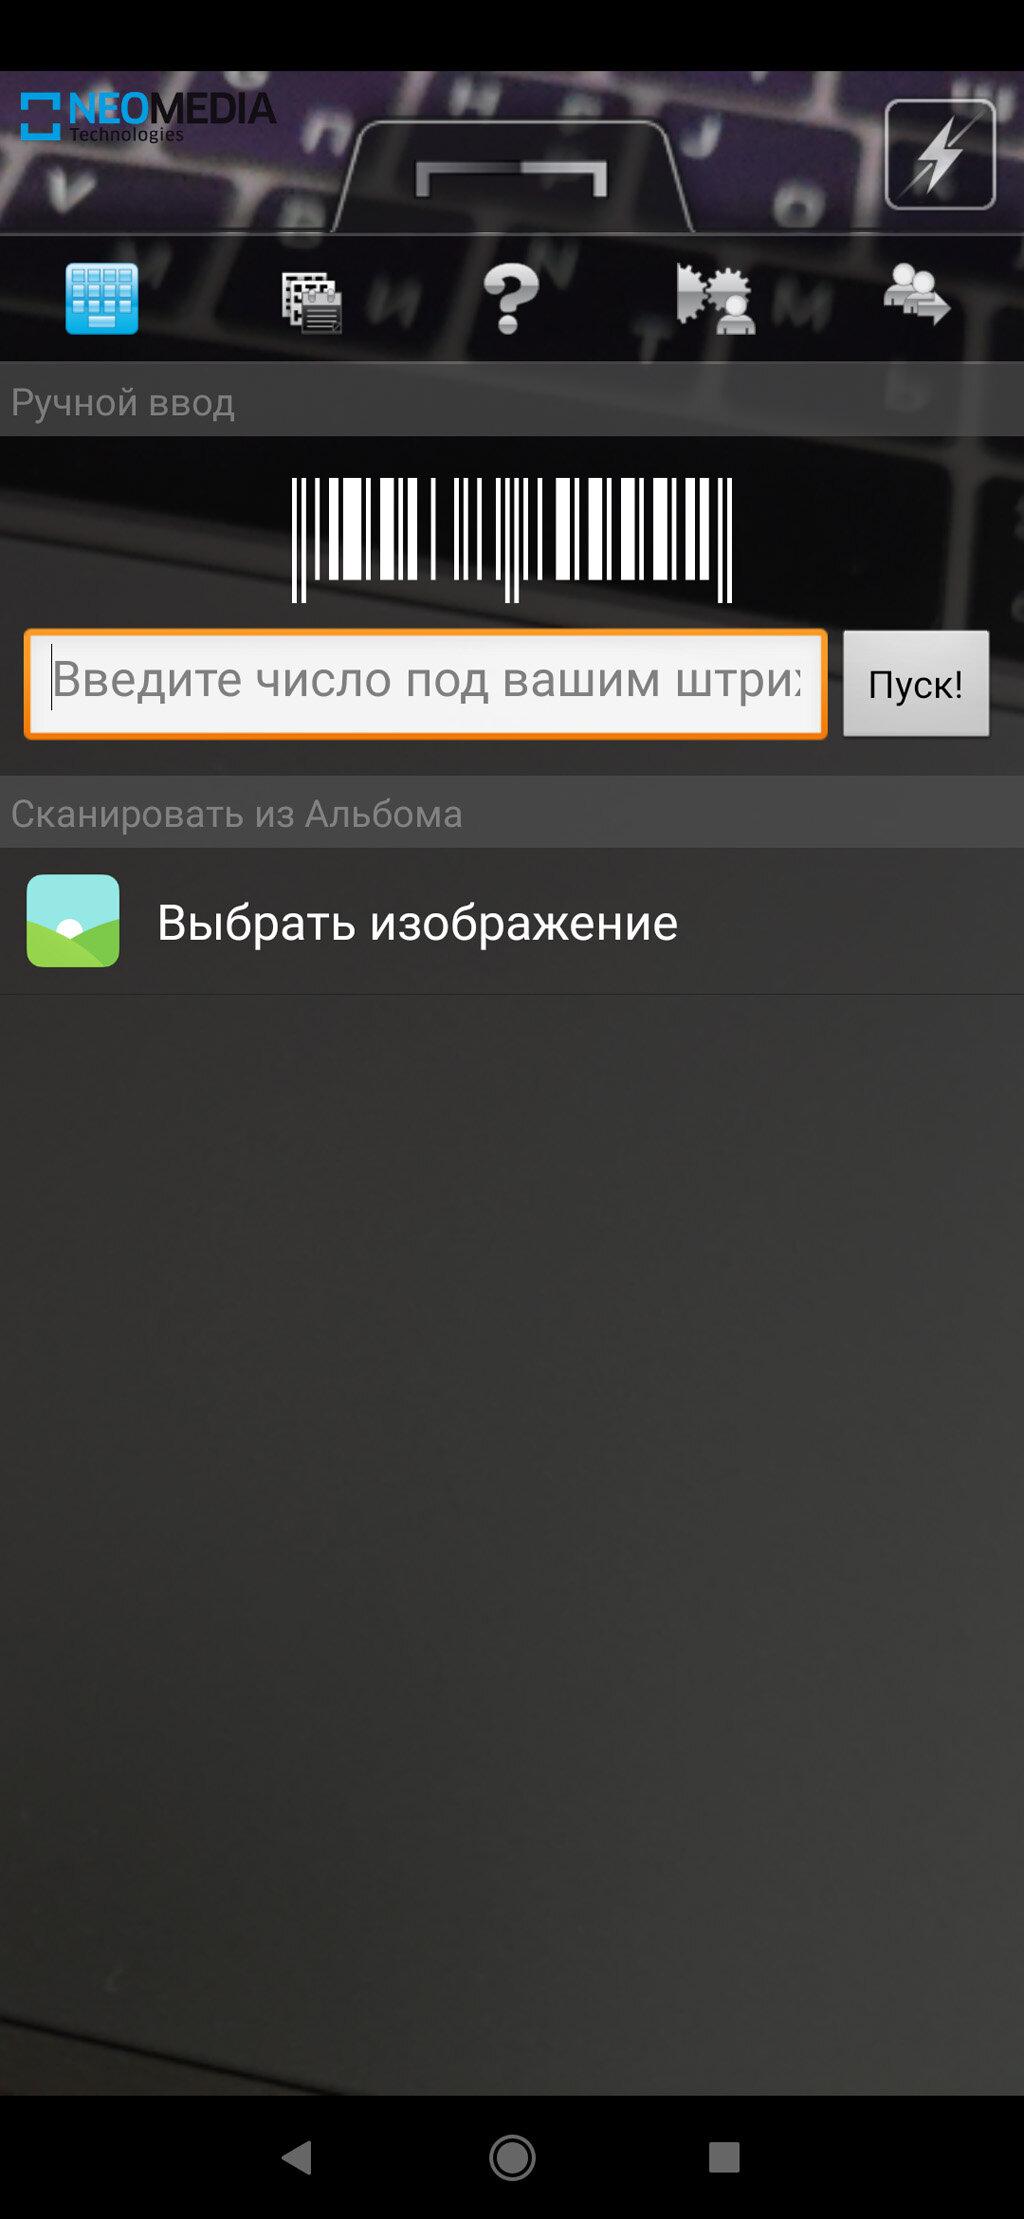 приложение для сканирования qr кодов на андроид